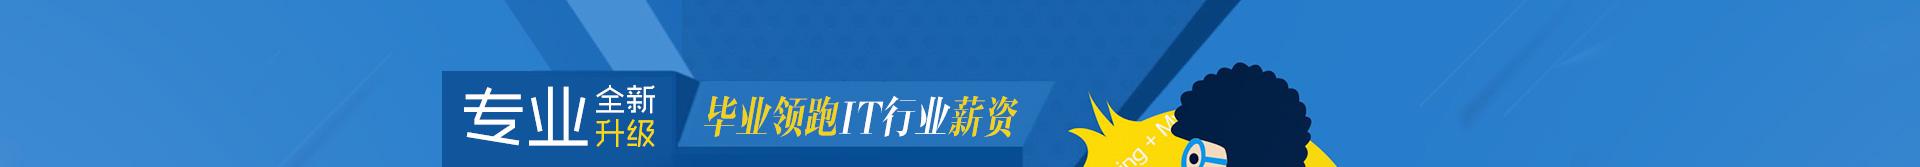 学网络软件开发选云南新华,就业有保障